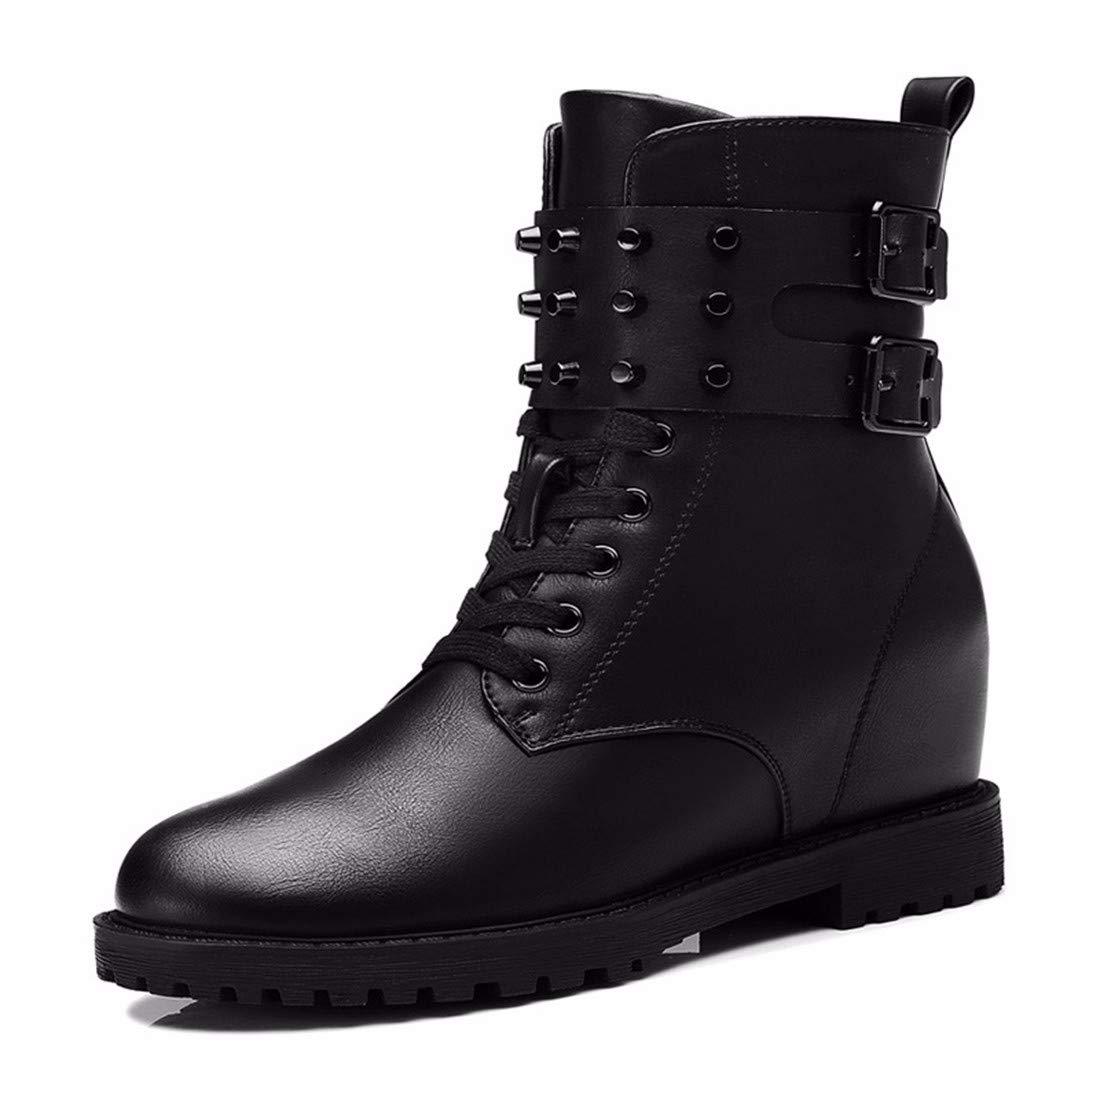 BeatinToes Damen Winter Warm Anti Slip Wasserdicht Künstliche Pu Martin Stiefel Hoch Casual Schuhe Stiefel Mit Flachem Boden